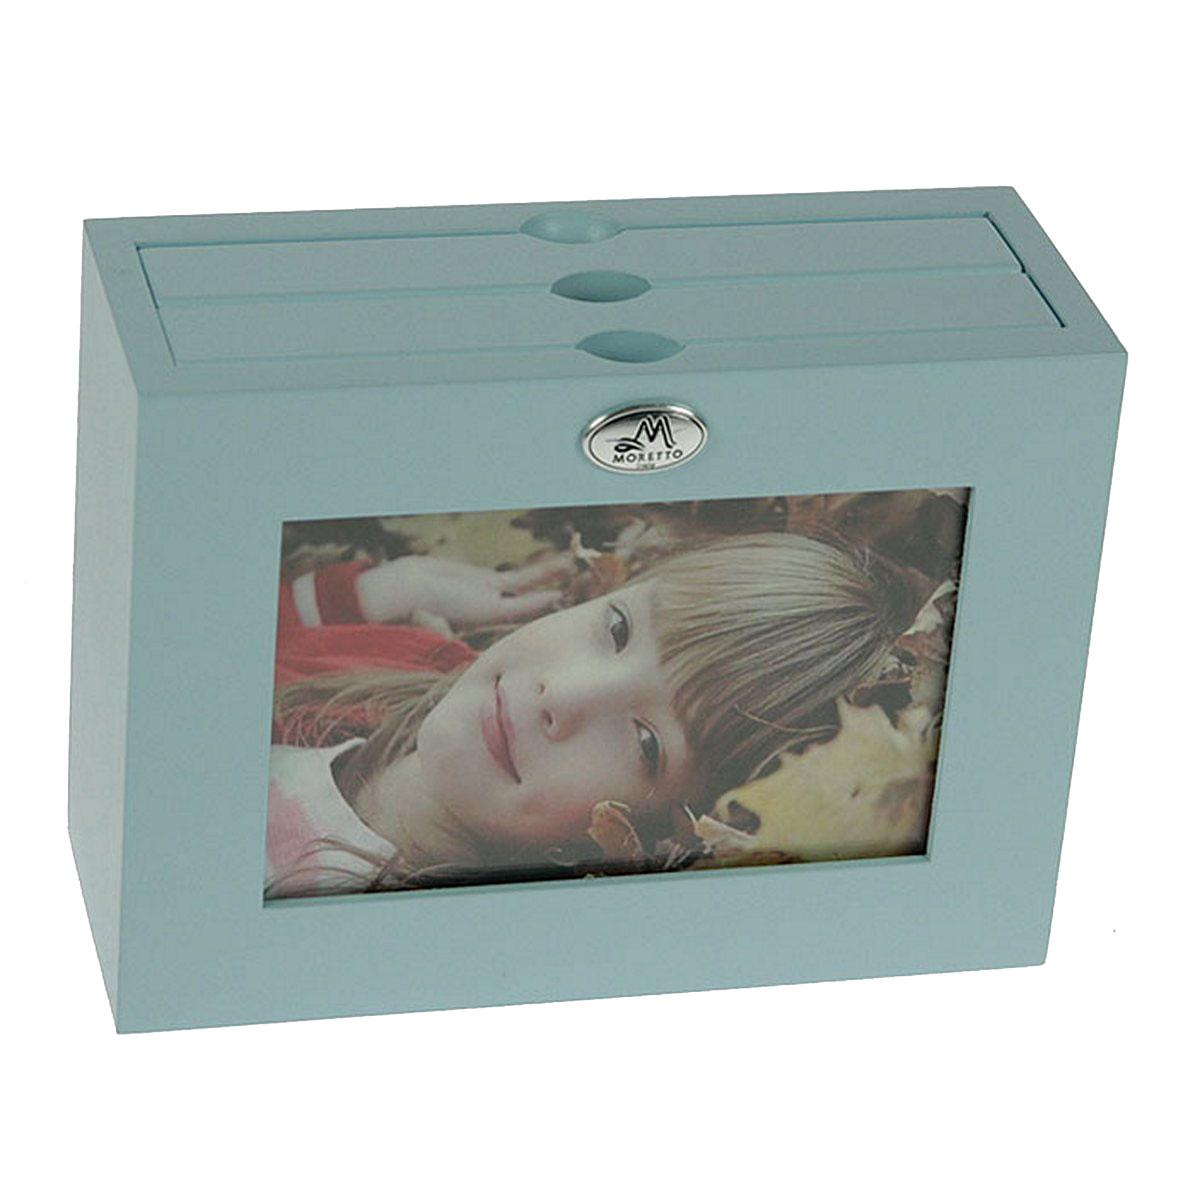 Архивный фотоальбом Moretto, на 48 фото, 10 x 15 см. 138004138004Оригинальный архивный фотоальбом Moretto, рассчитанный на 48 фотографий, выполнен в виде деревянного бокса. Бокс содержит 2 альбома, каждый из которых рассчитан на 24 фотографии форматом 10 х 15 см, а также имеет отверстие для центральной фотографии.Такой архивный альбом станет достойным украшением вашего интерьера и будет уникальным подарком вашим друзьям.